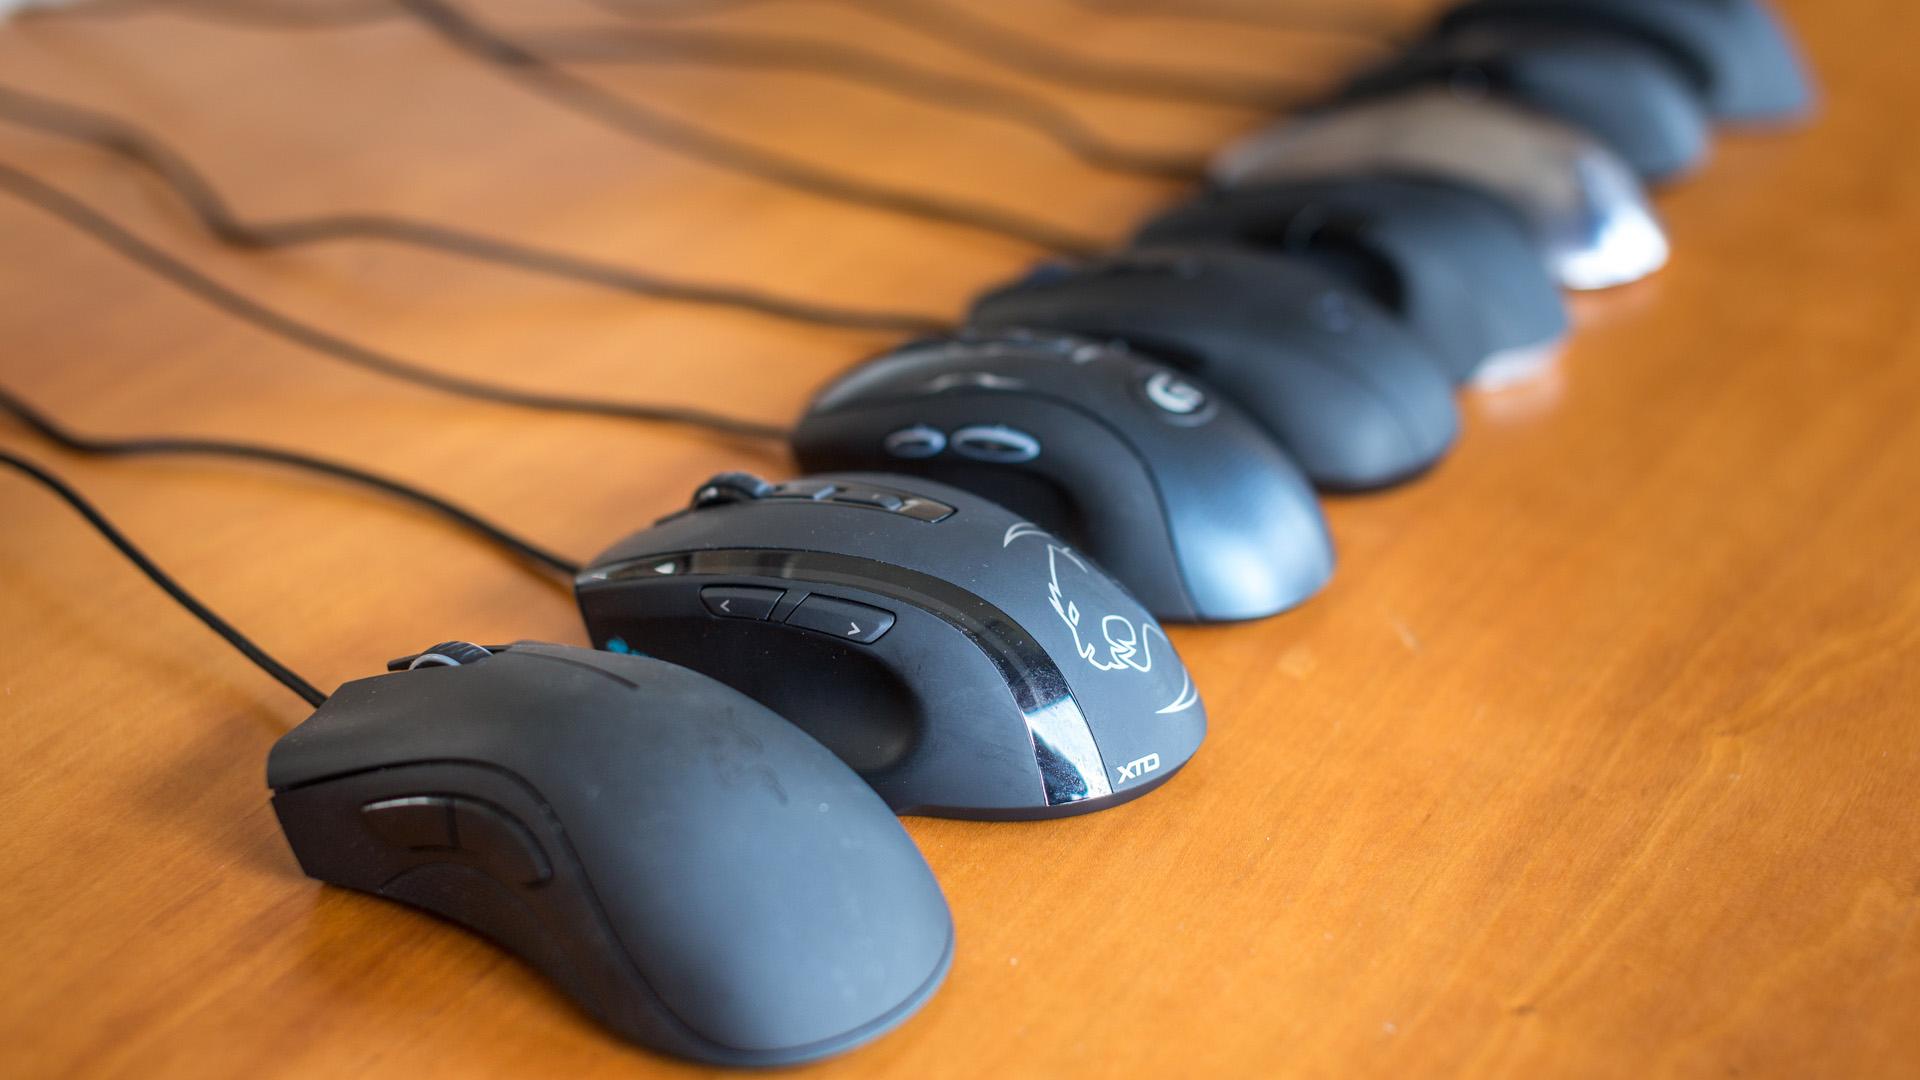 Lavora con il computer divertendoti usando i mouse più simpatici e strani